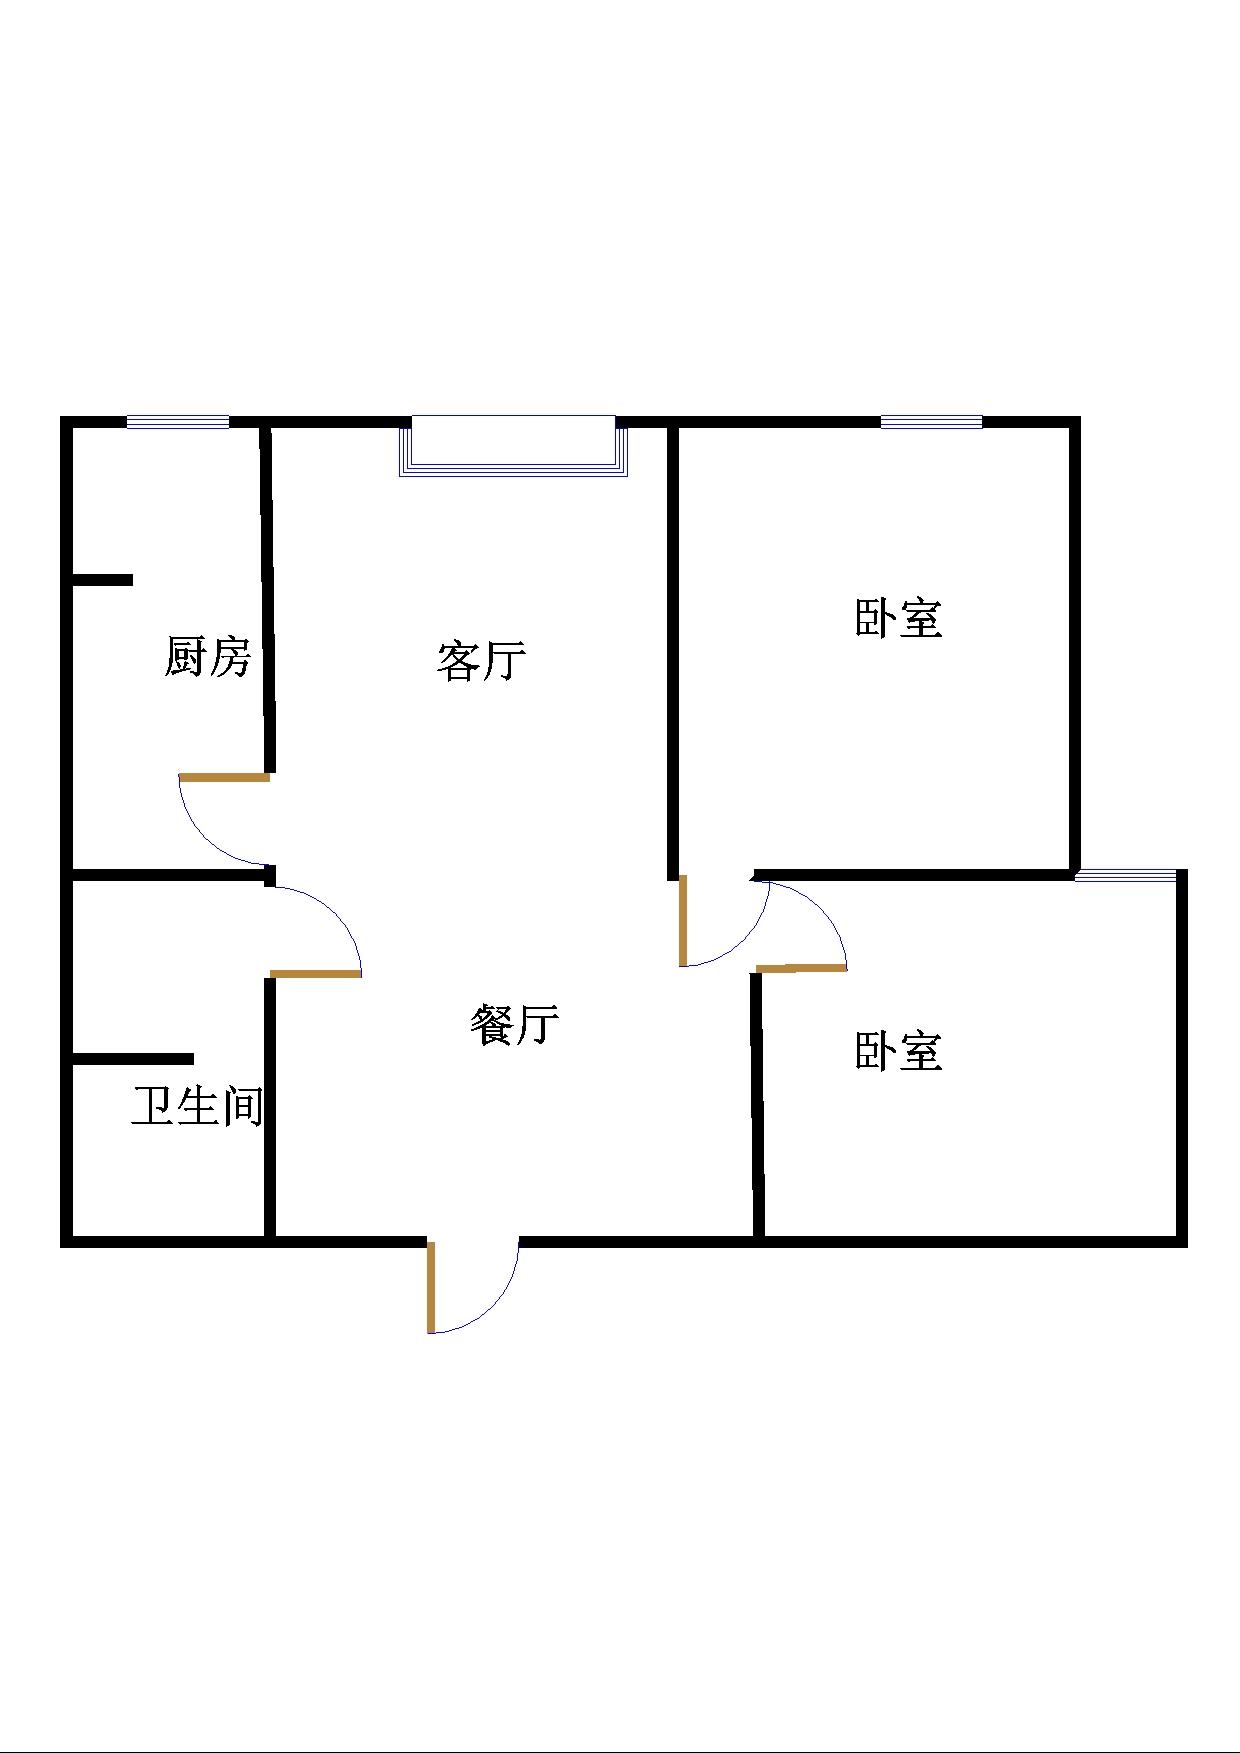 金色雅园 2室2厅 1楼